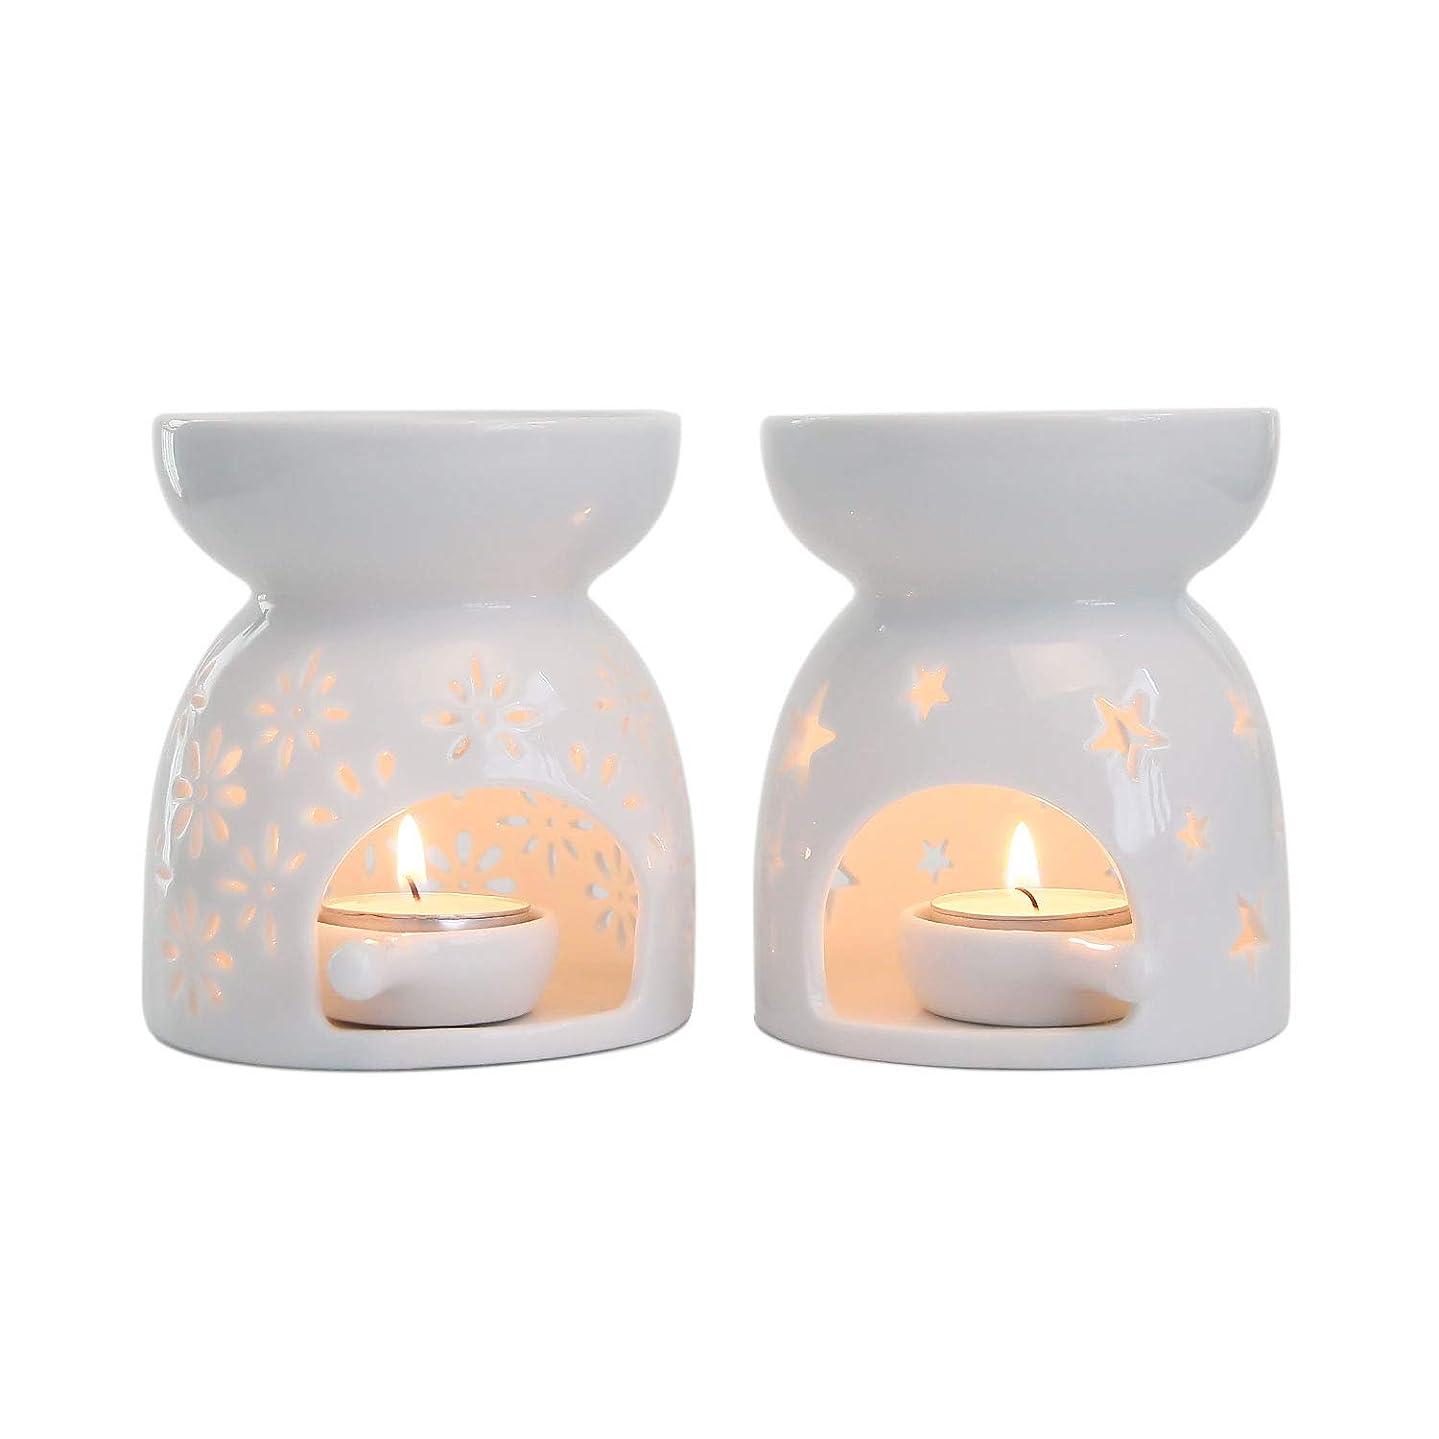 開いたオペラファウルRachel's Choice 陶製 アロマ ランプ ディフューザー アロマキャンドル キャンドルホルダー 花形&星形 ホワイト 2点セット